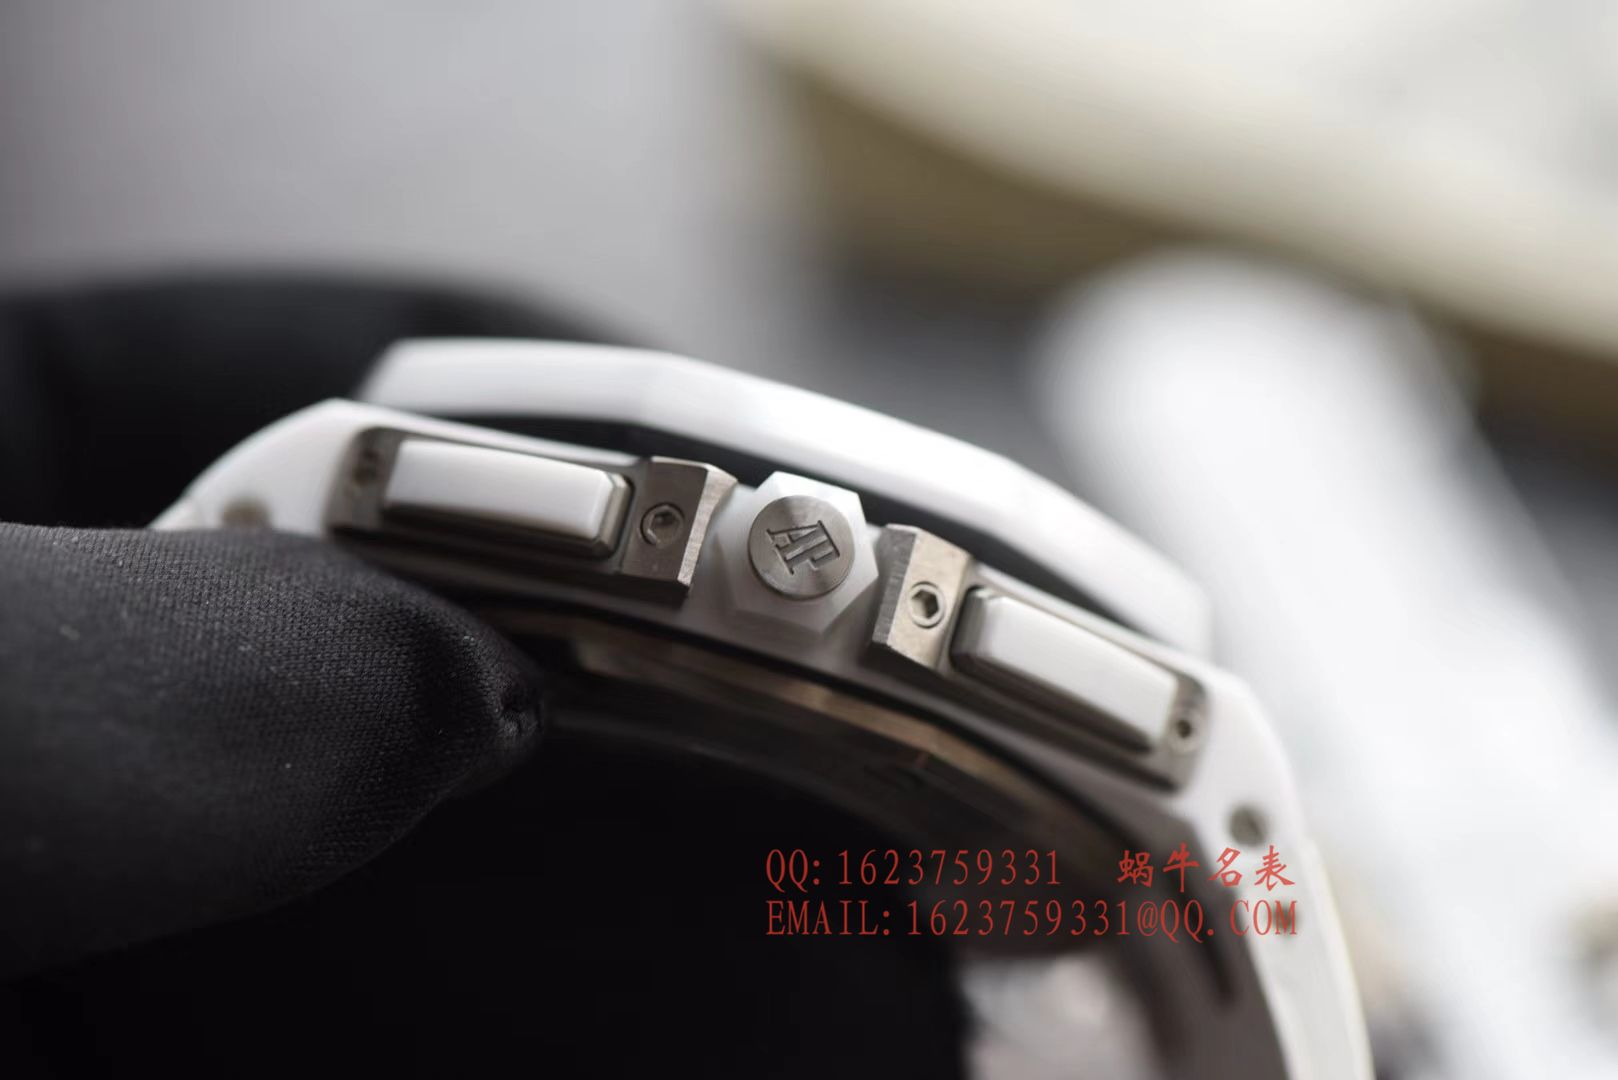 【独家视频评测JF厂1:1高仿手表】爱彼皇家橡树离岸型系列26402CB.OO.A010CA.01腕表